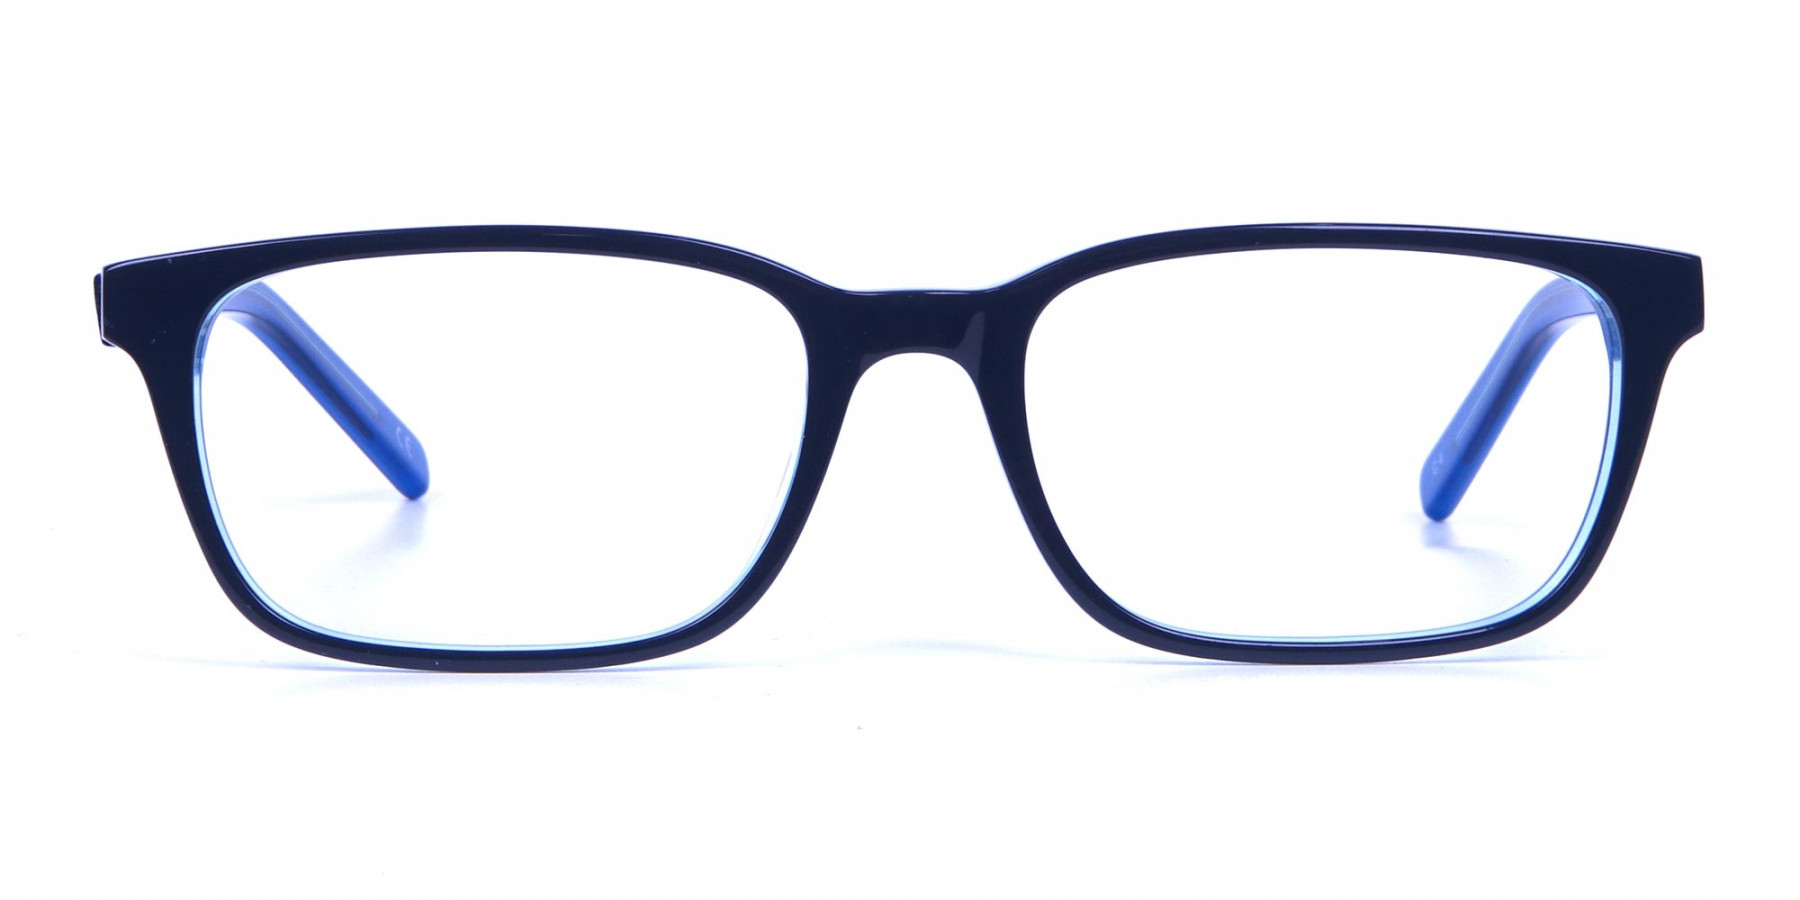 Rectangular Glasses for Men and Women